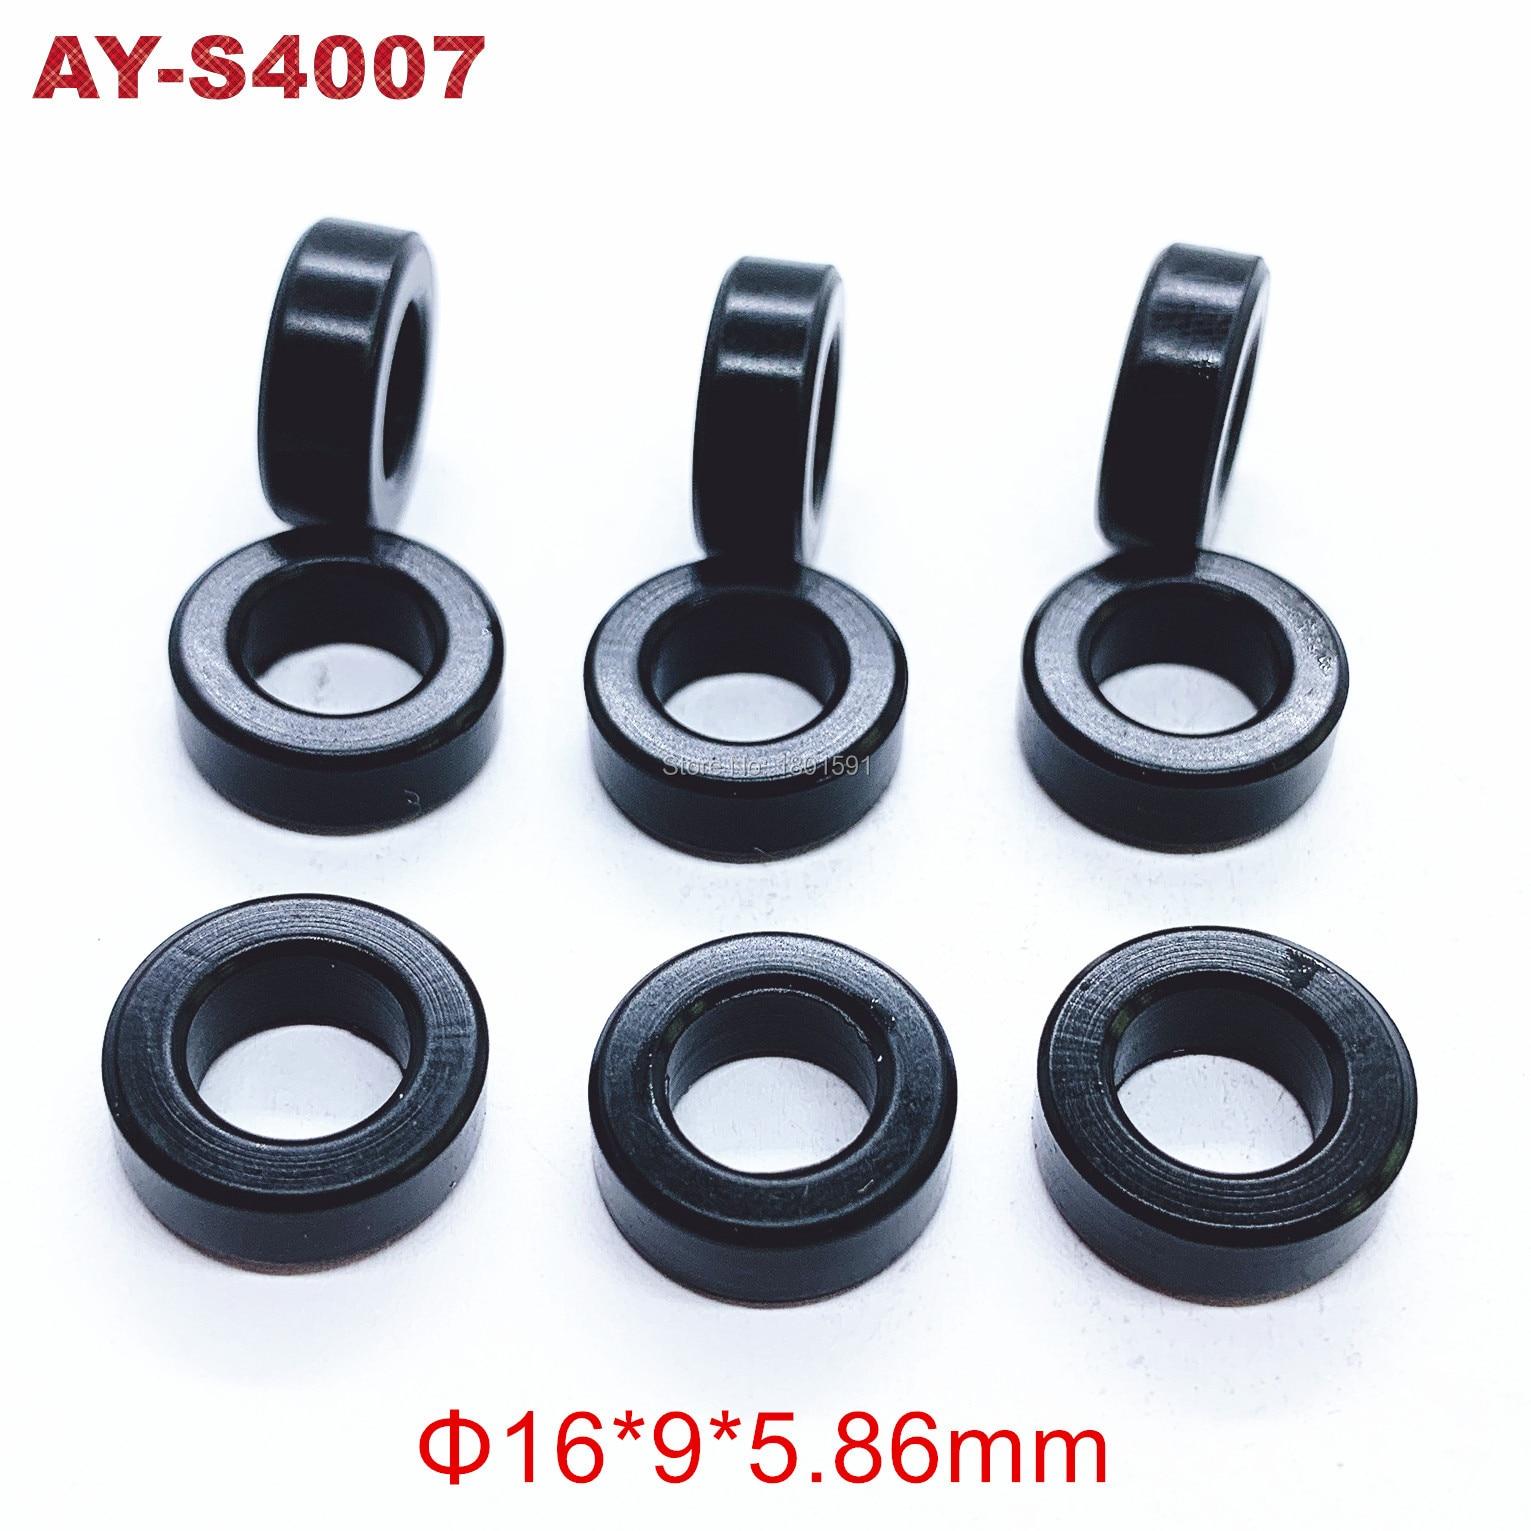 200 peças de borracha ondulada selos oring 16*9*5.8mm para toyota injector de combustível kits de reparo (AY-S4007)